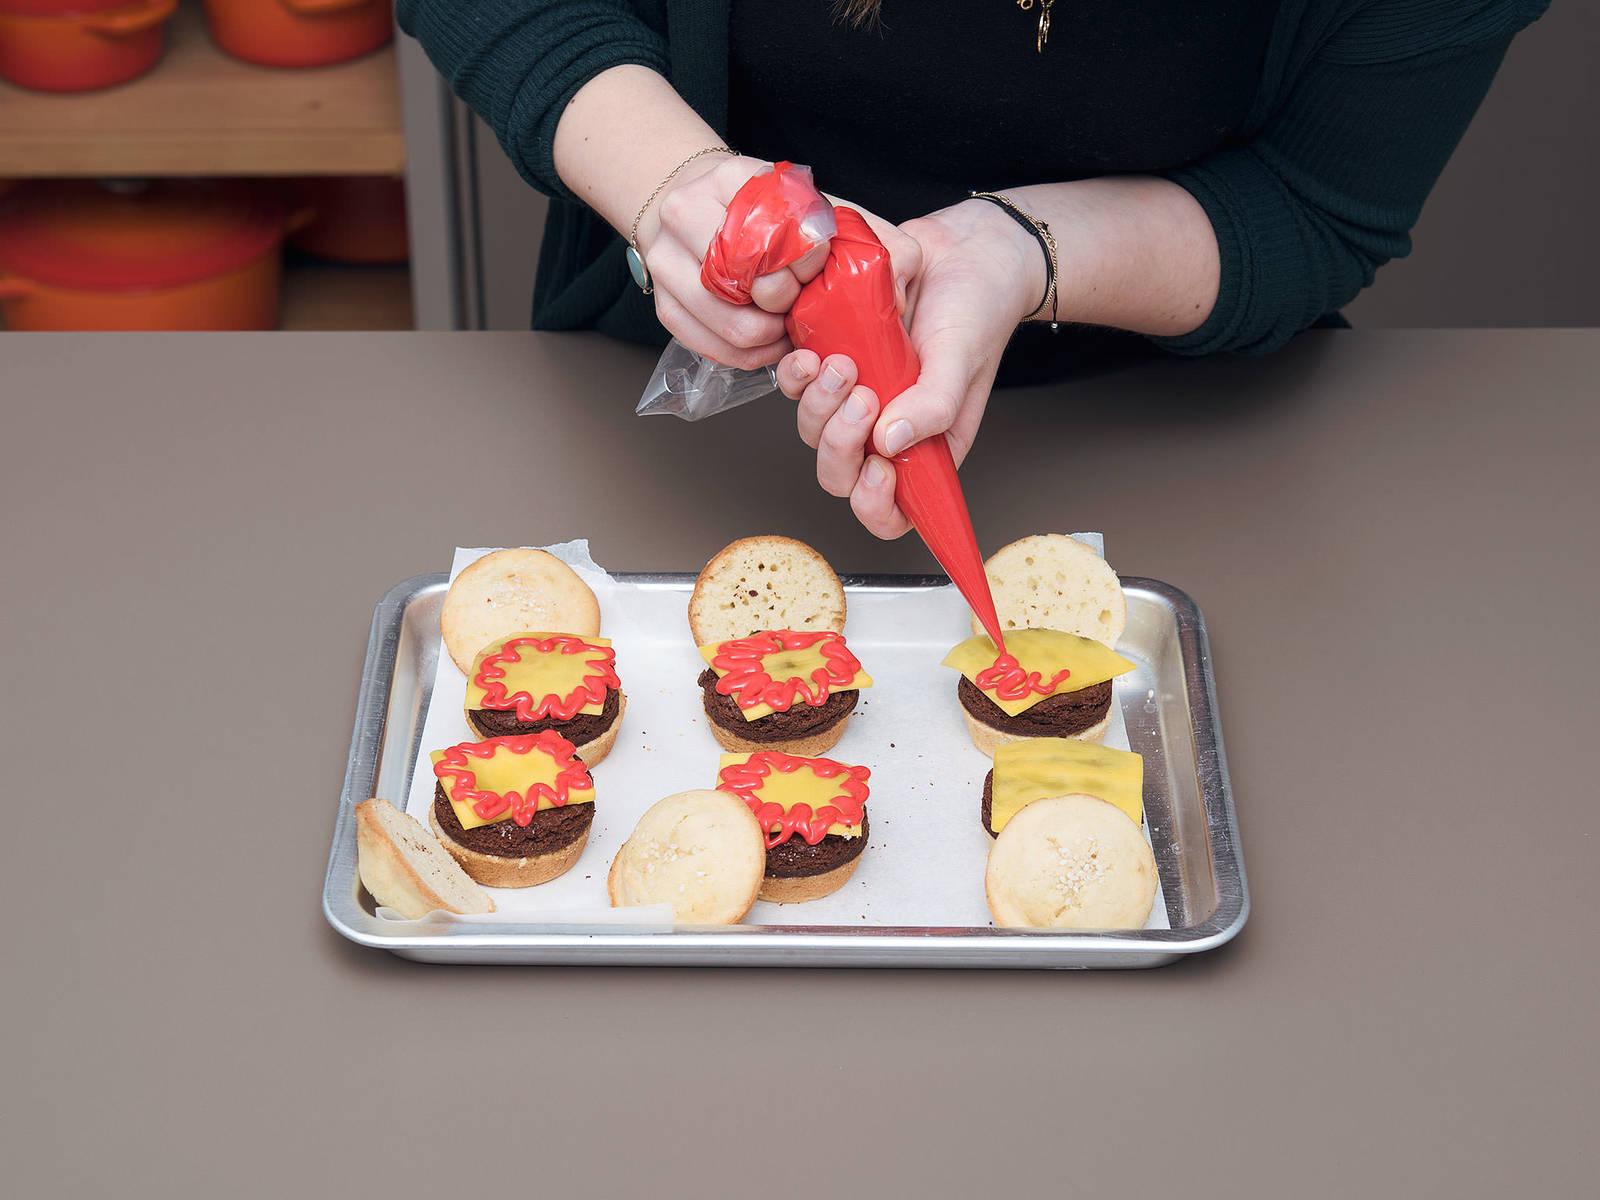 Für den Zusammenbau der Burger, die Mango-Quadrate als Käsescheiben auf die Browniepatties legen. Mit dem roten Frosting kreisförmige oder blumenähnliche Formen am Rand entlang spritzen.